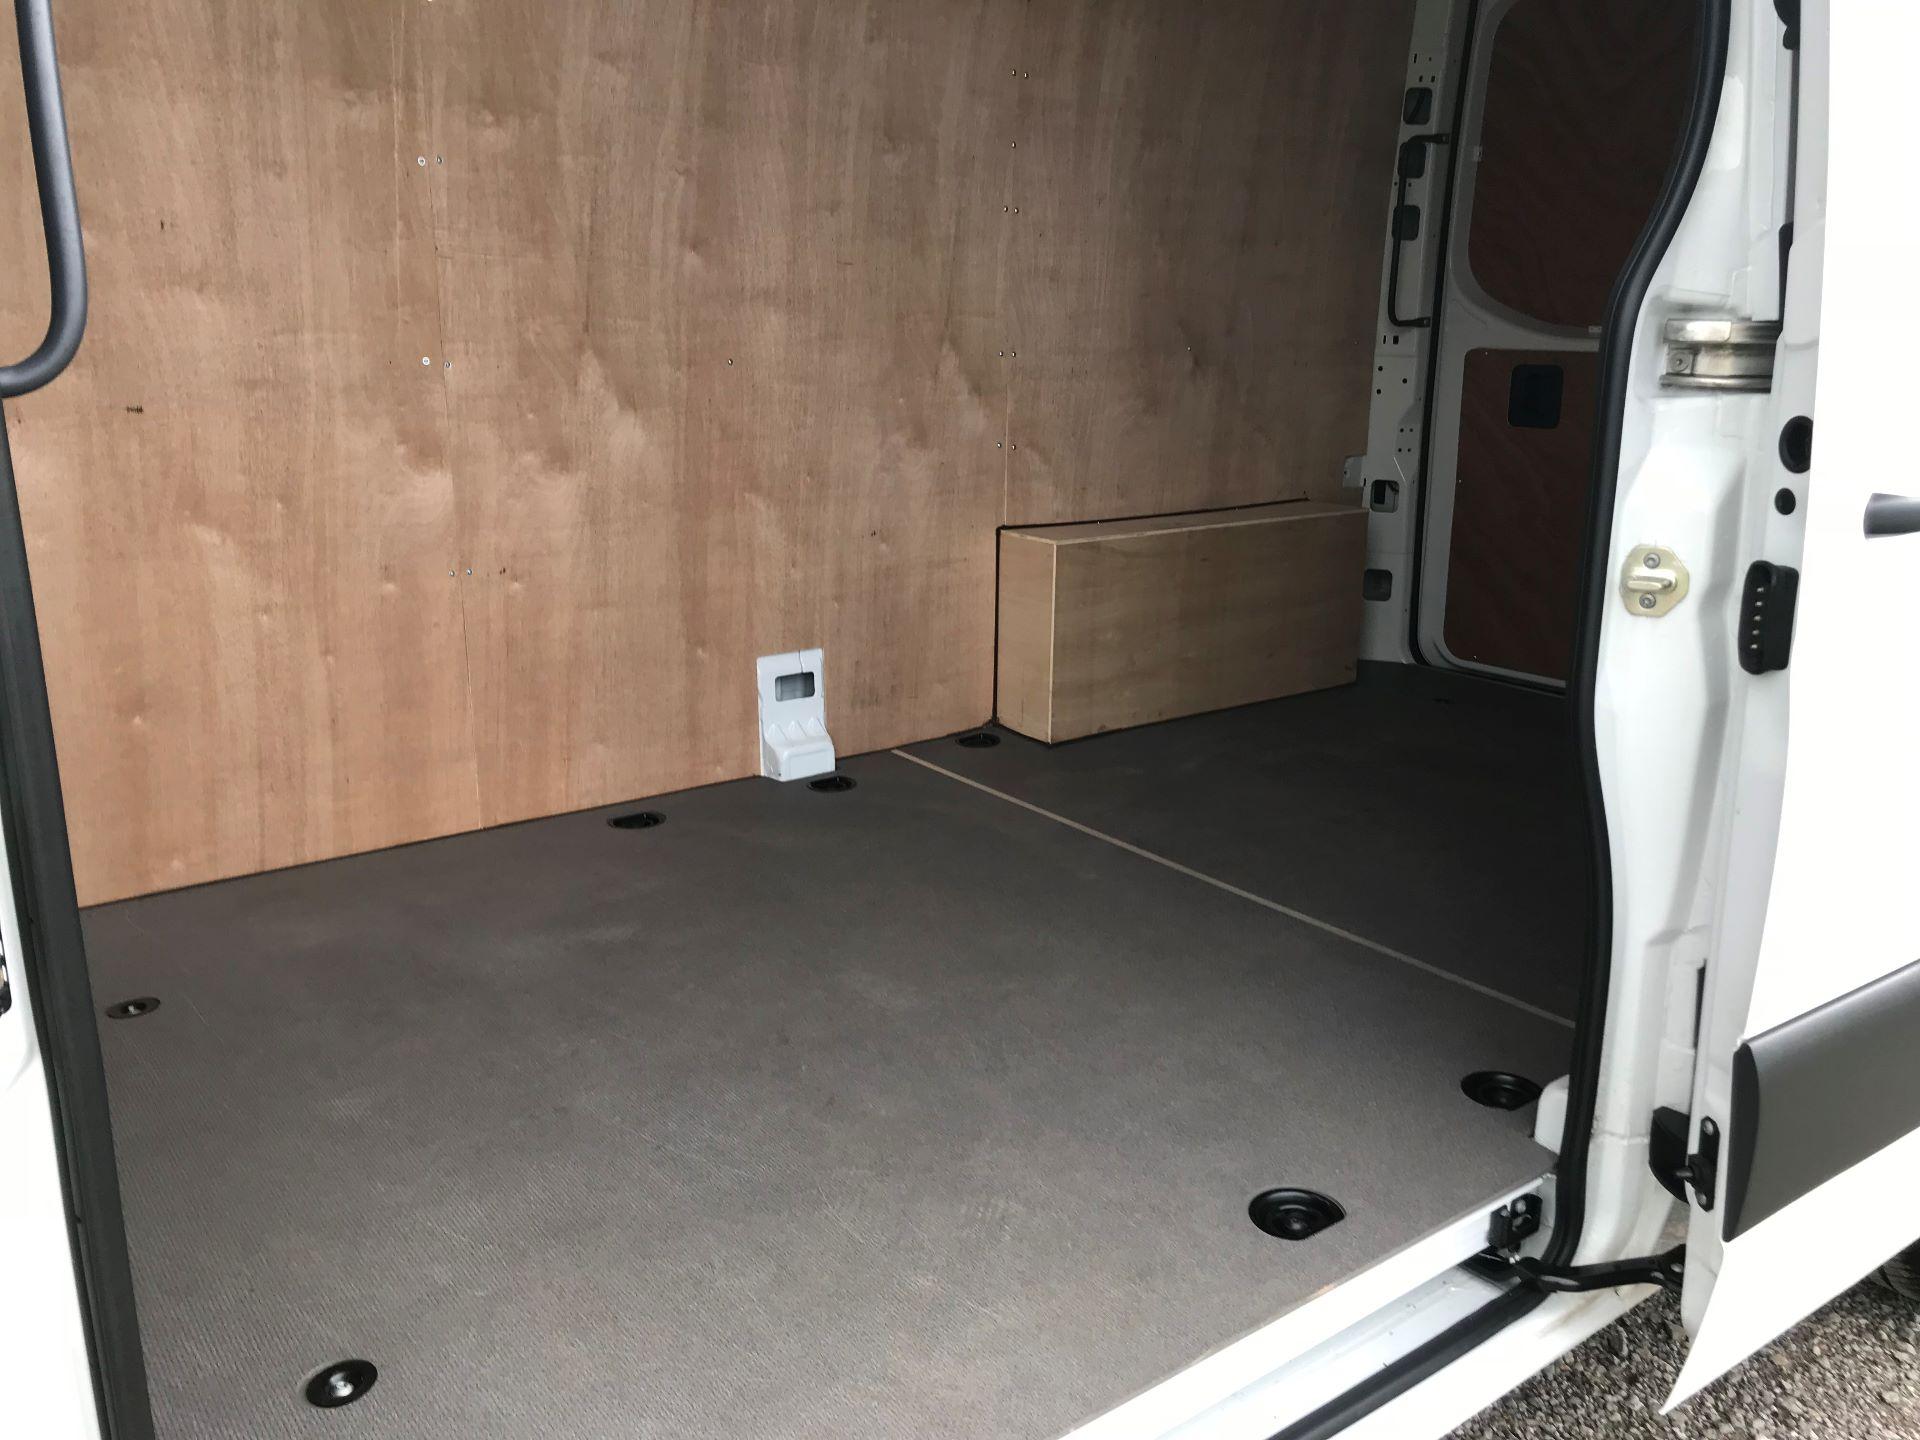 2019 Mercedes-Benz Sprinter 3.5T L2 H2 FWD Van (KO19AVV) Image 10